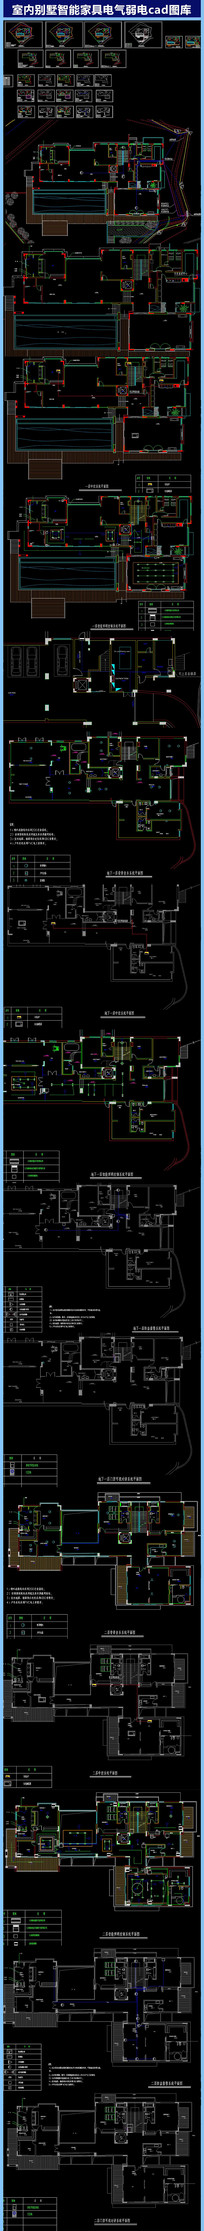 室内别墅智能家具电气弱电cad图纸